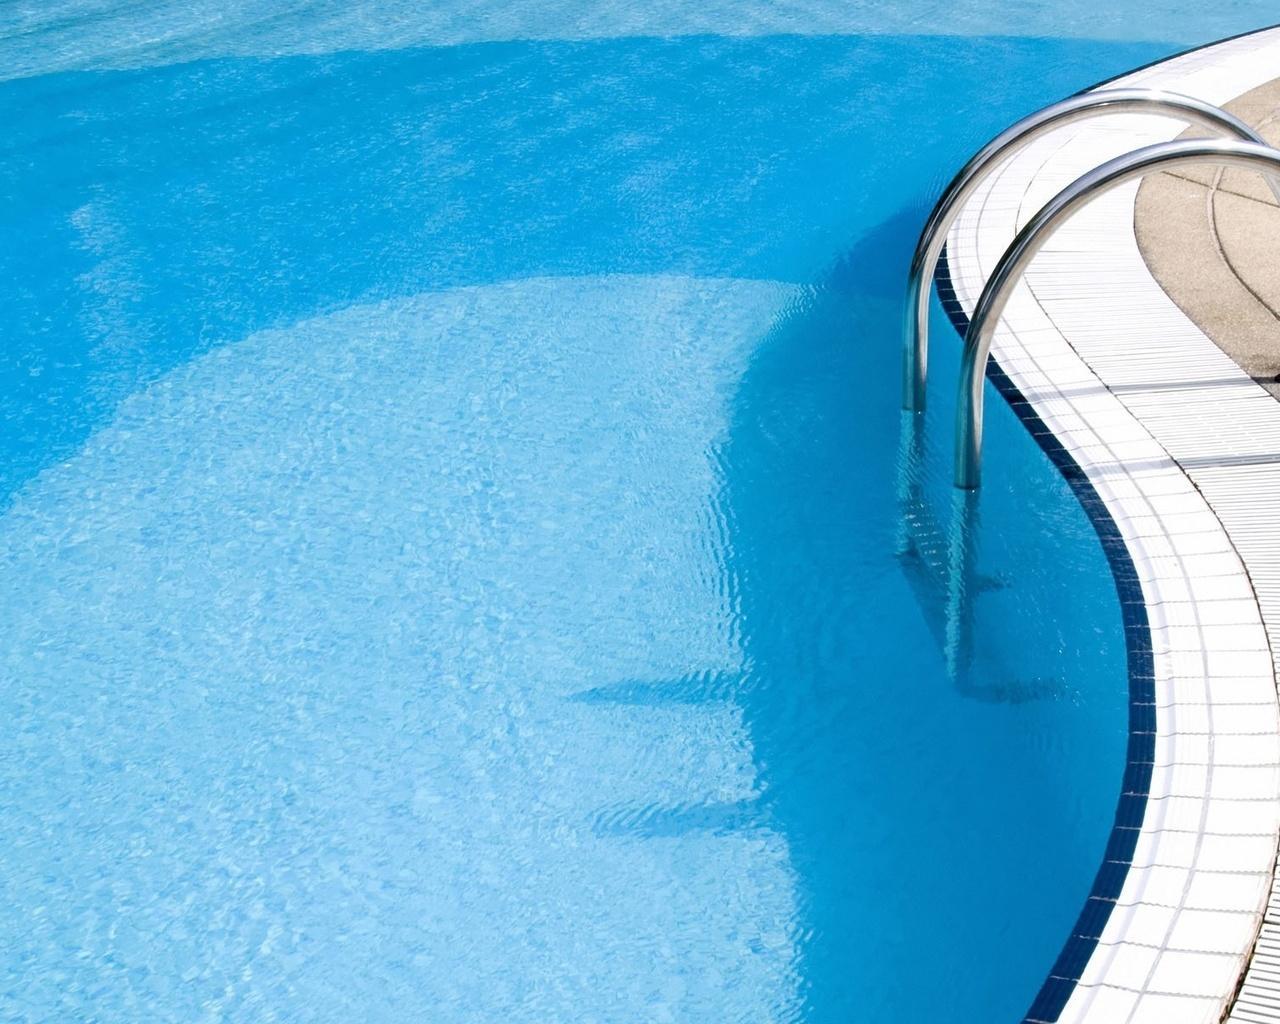 Συνδέστε το φίλτρο πισίνας πάνω από το έδαφος καλές ιστοσελίδες γνωριμιών για το δεσμό